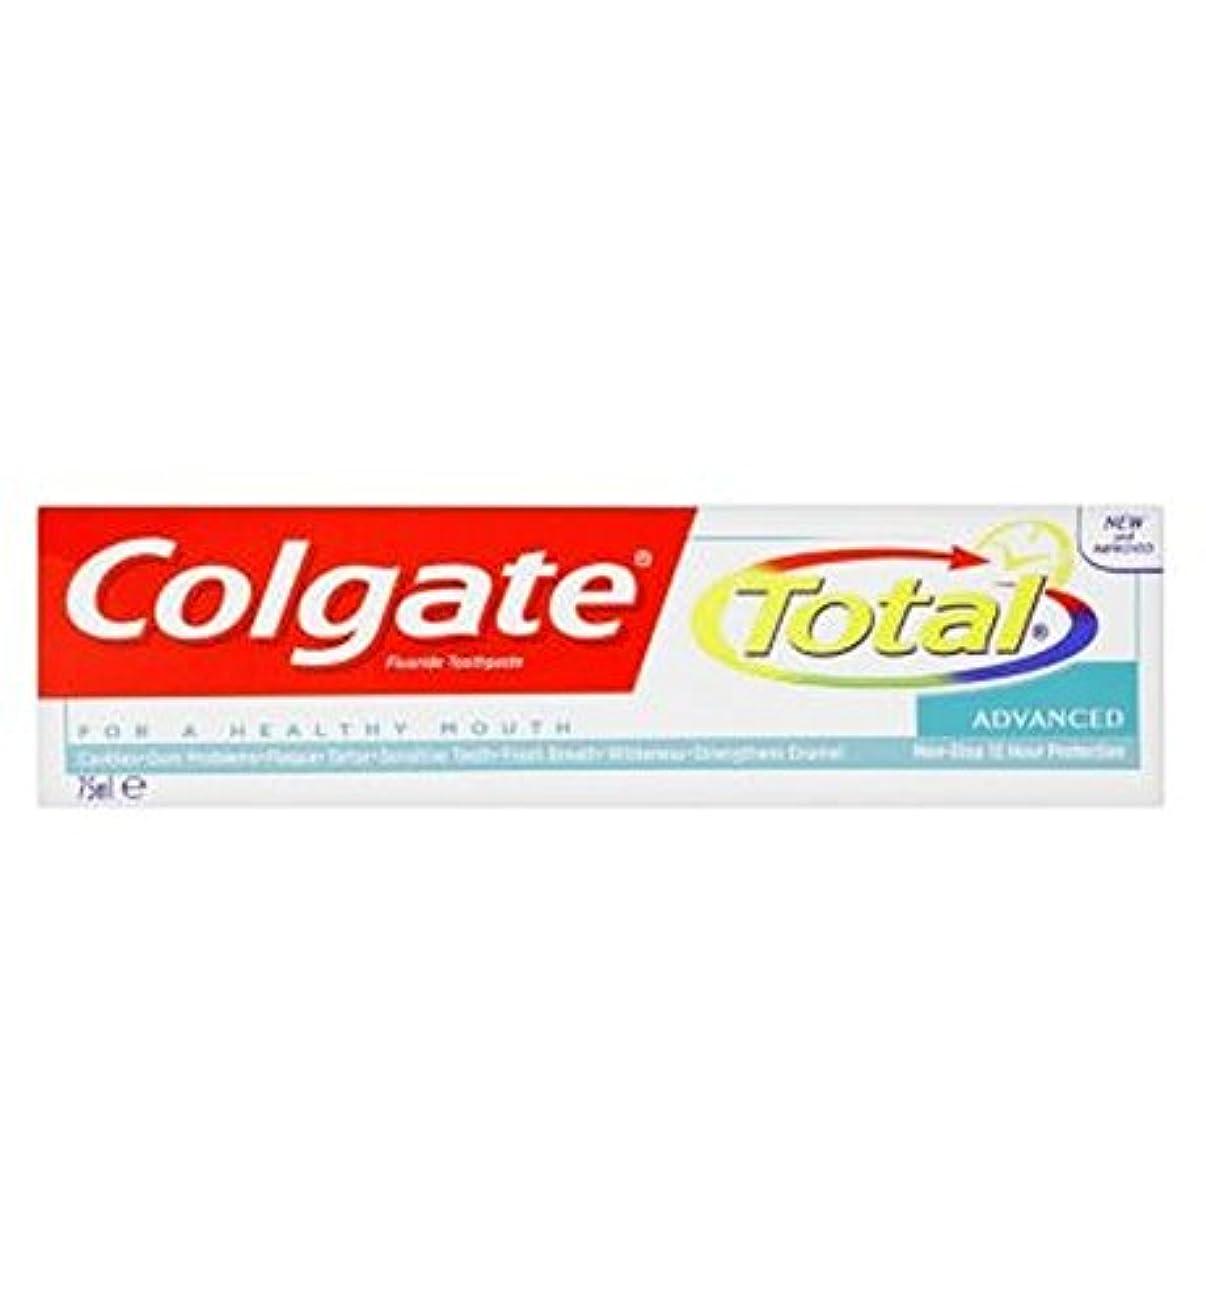 タイマー習字味わうコルゲートトータル高度な歯磨き粉75ミリリットル (Colgate) (x2) - Colgate Total Advanced toothpaste 75ml (Pack of 2) [並行輸入品]